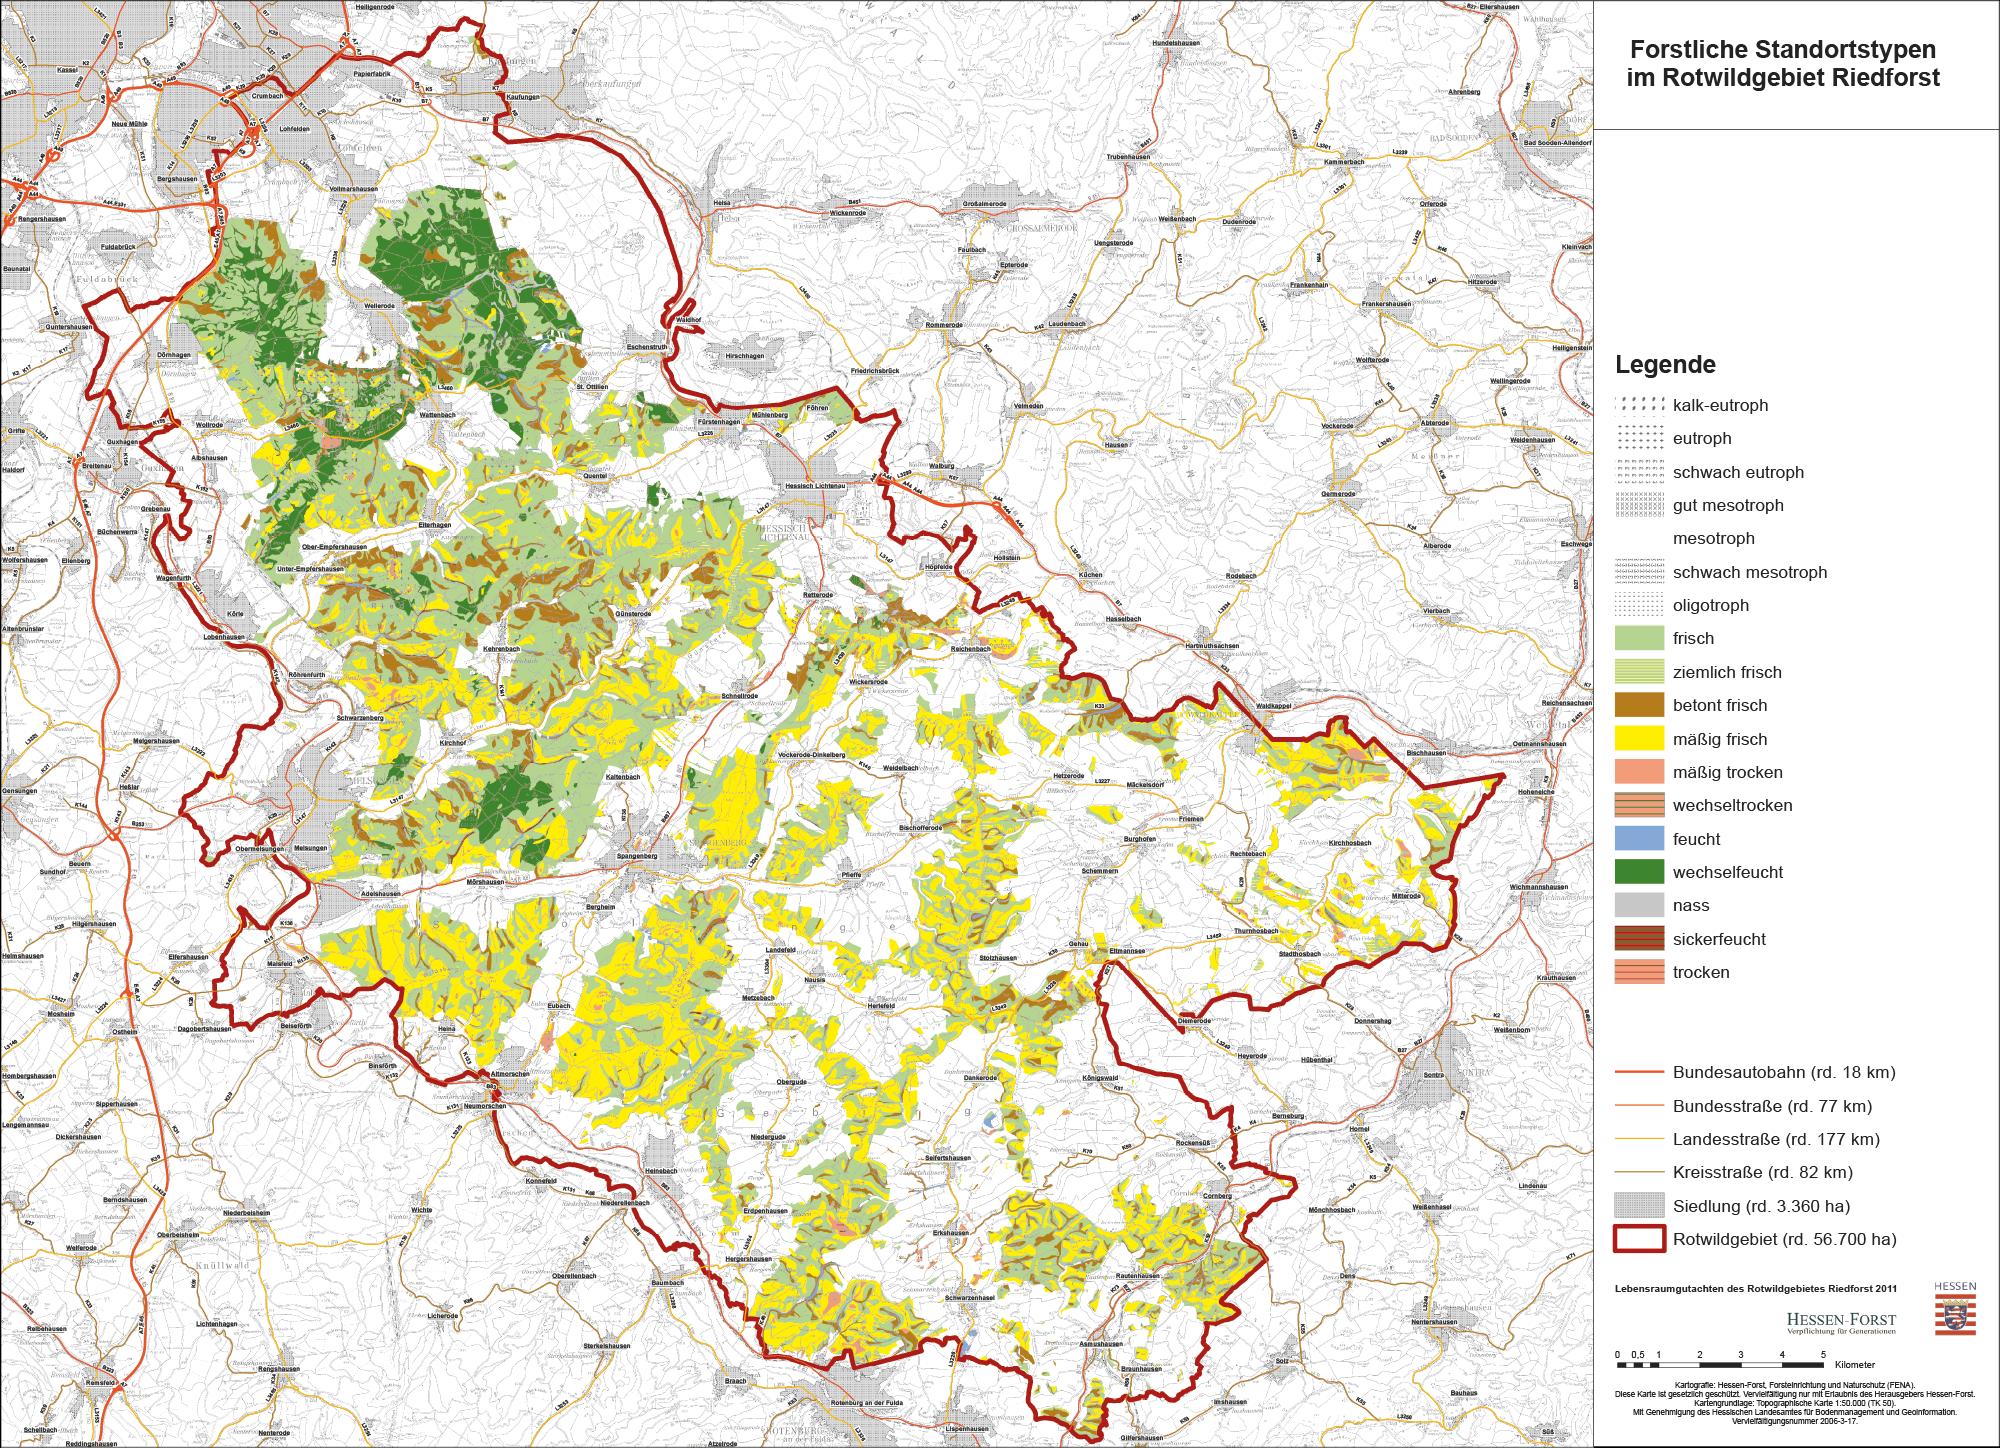 Forstliche Standortstypen im Rotwildgebiet Riedforst